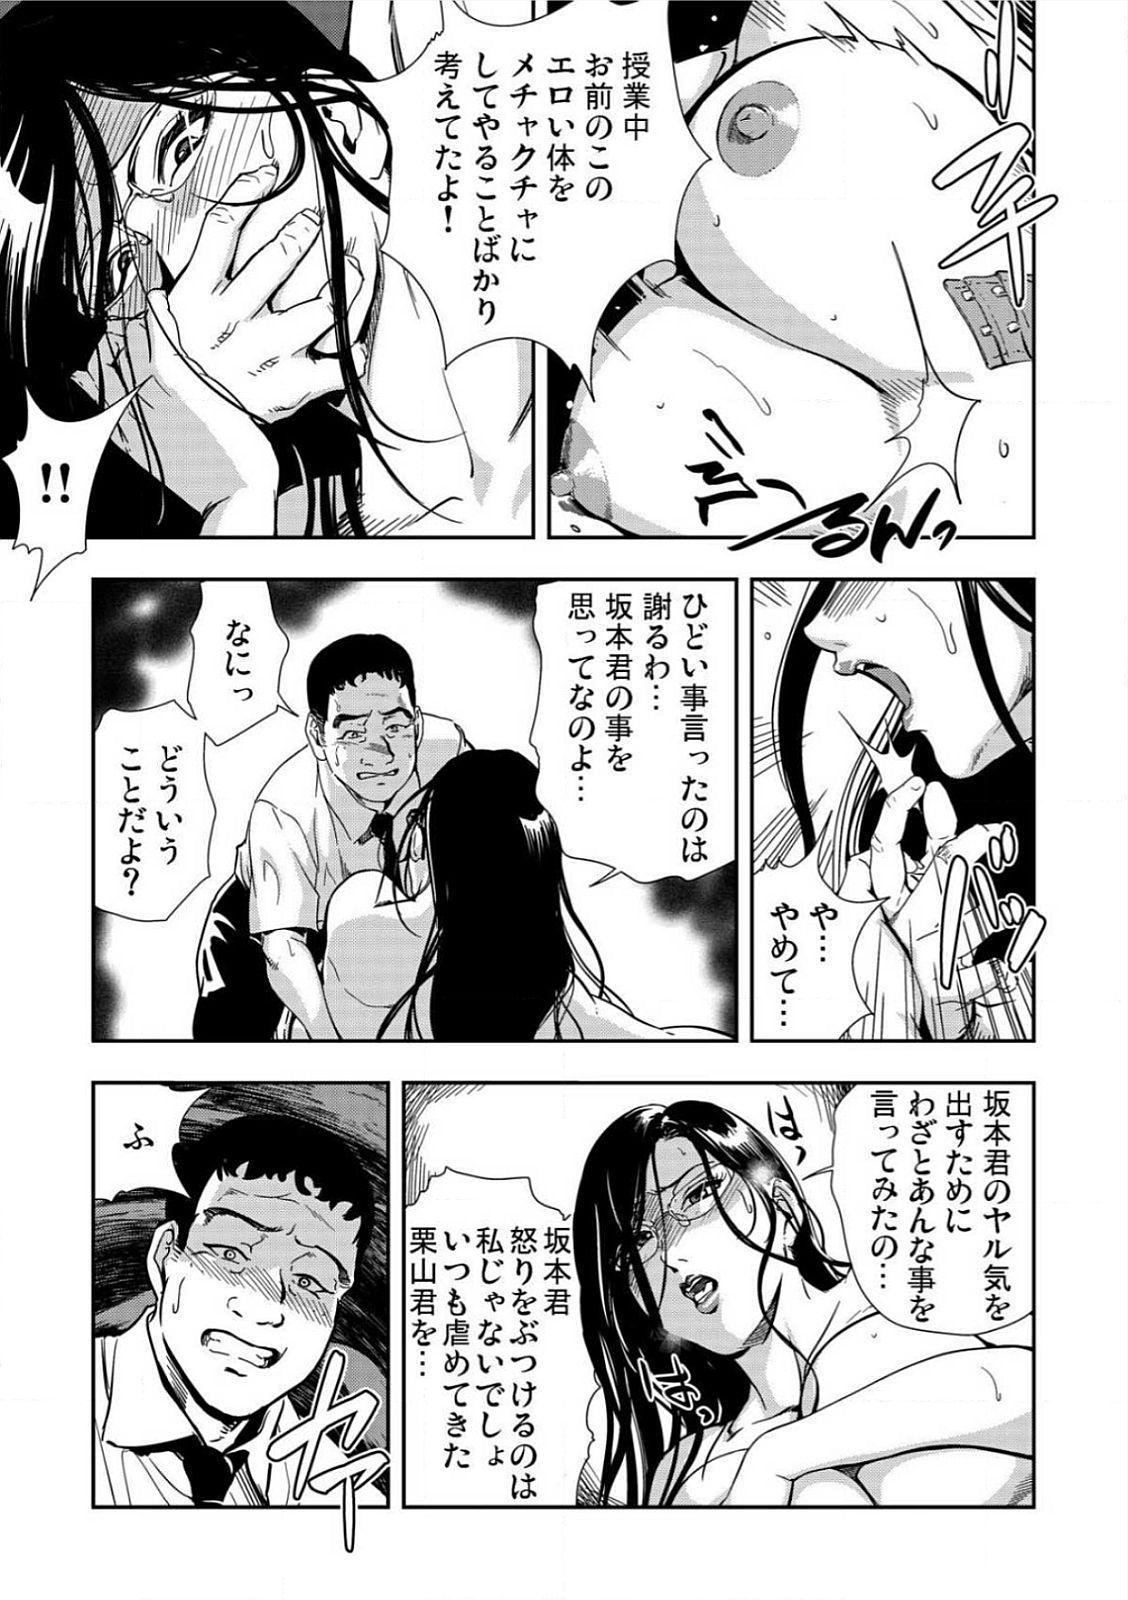 [Misaki Yukihiro] Kyousei Shidou ~Mechakucha ni Kegasarete~ (1)~(6) [Digital] 12